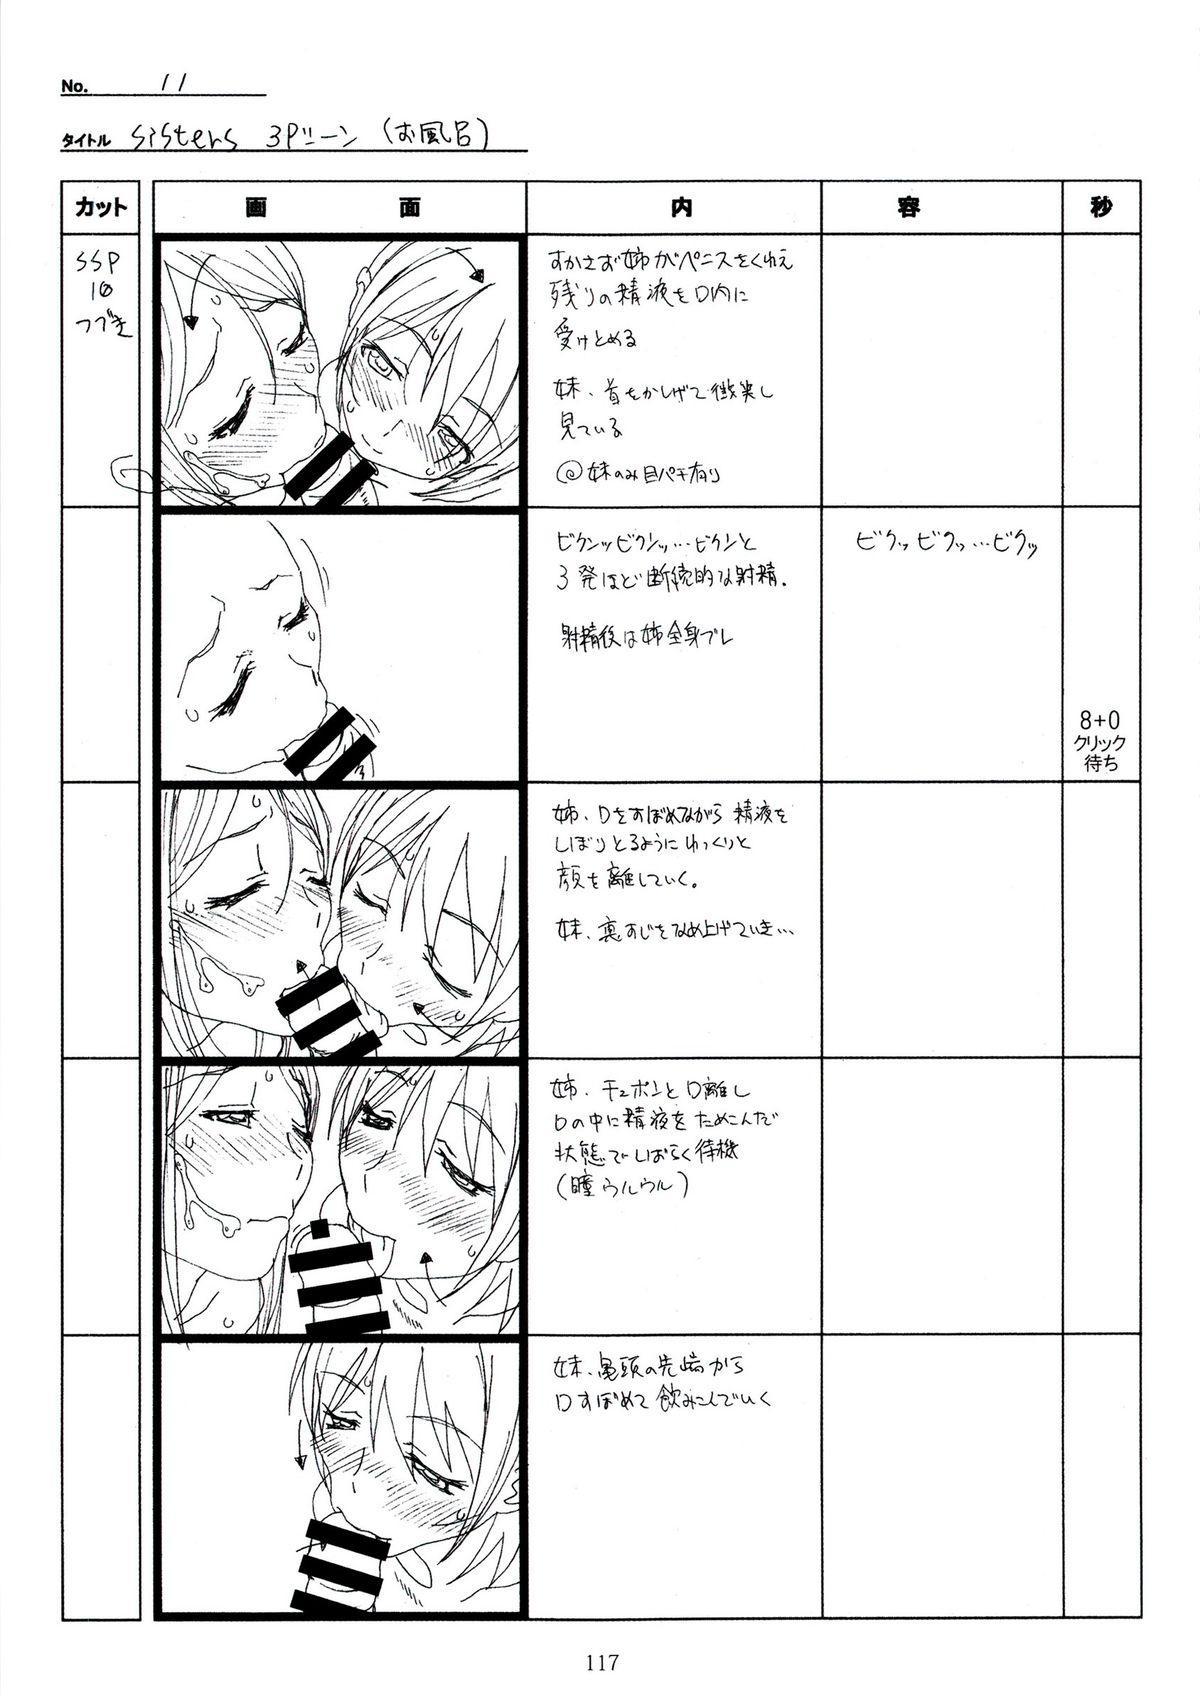 (C89) [Makino Jimusho (Taki Minashika)] SISTERS -Natsu no Saigo no Hi- H Scene All Part Storyboard (SISTERS -Natsu no Saigo no Hi-) 116